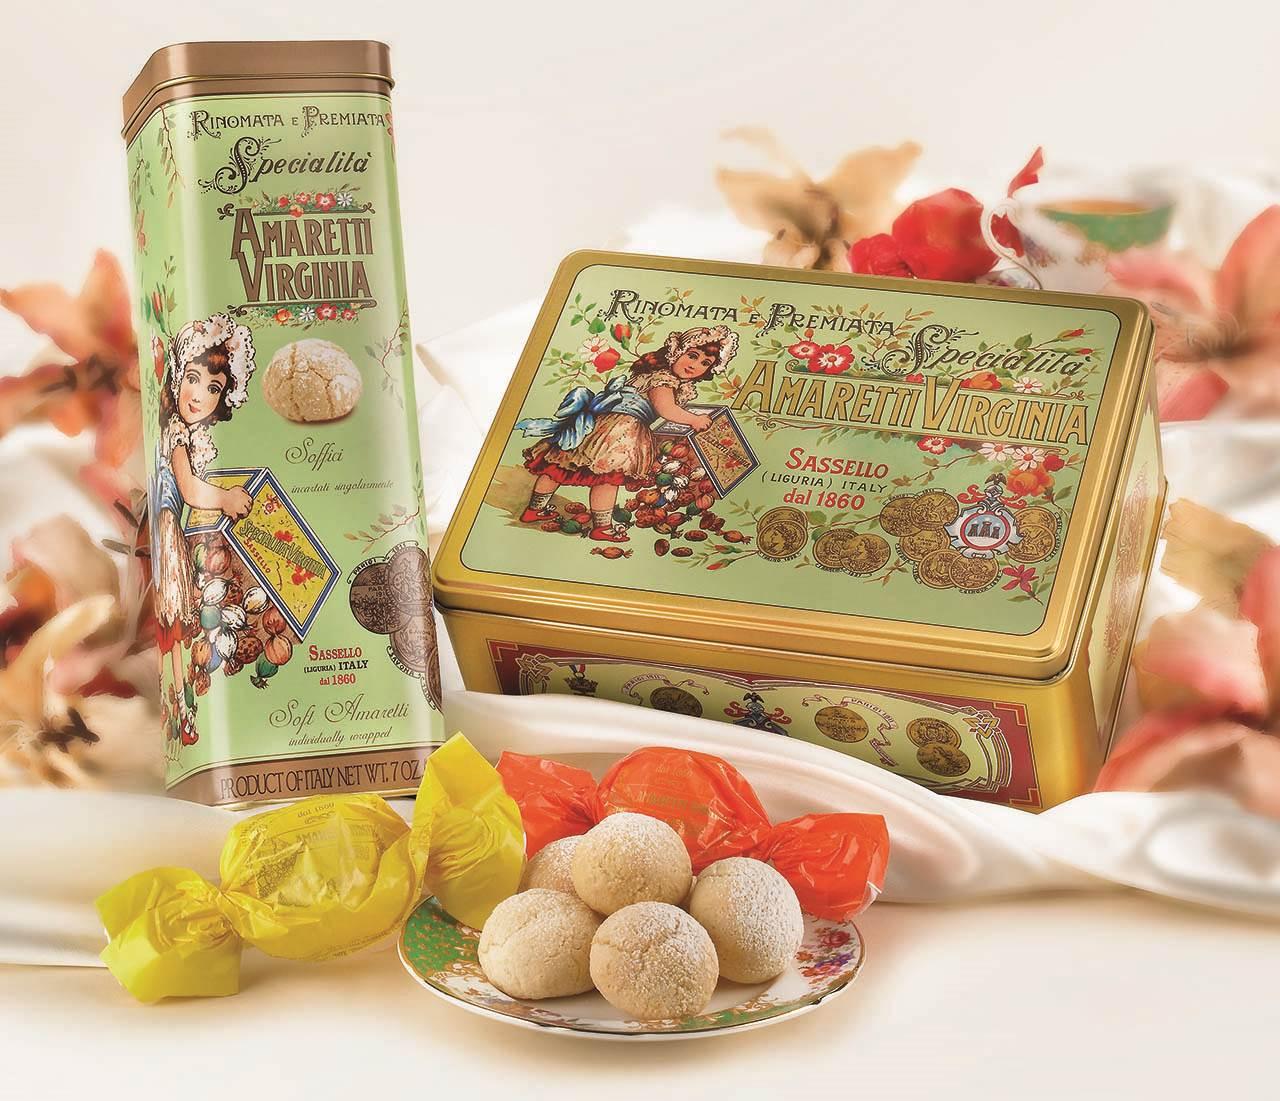 Amaretti Macio Virginia - Rinomata e Premiata Specialita Soft Amaretti - Lata Ouro Verde - 350g